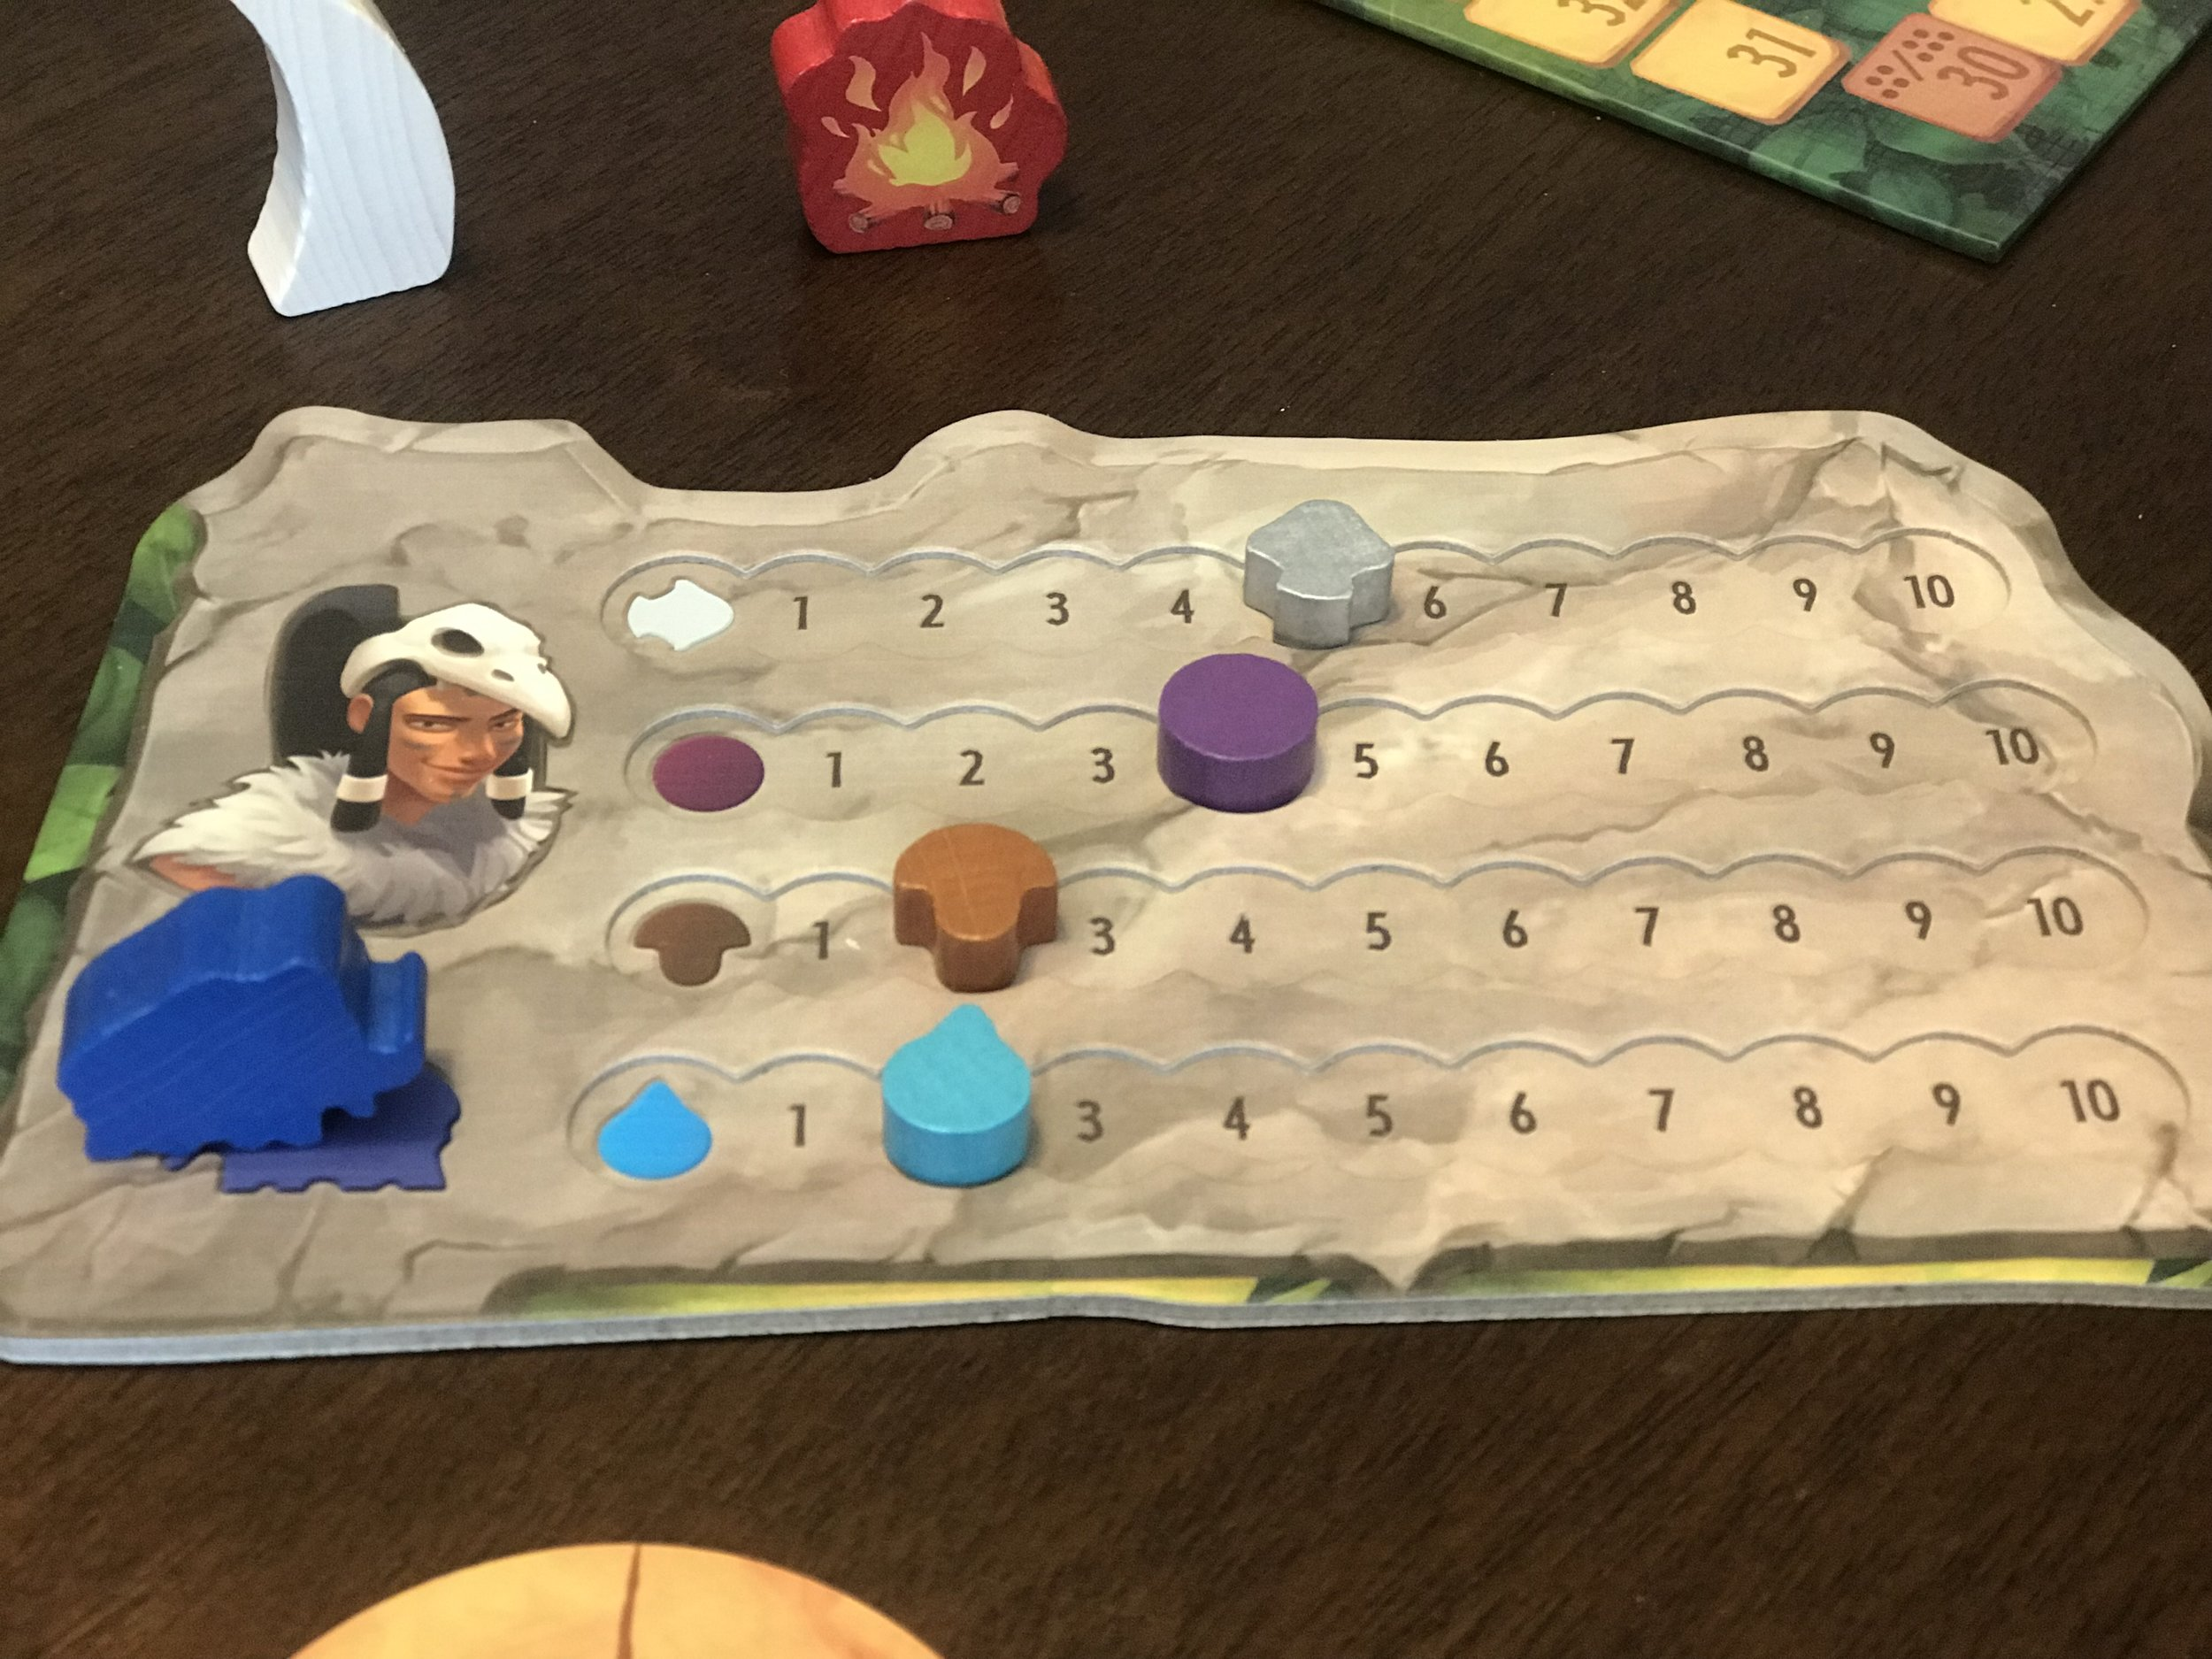 Honga the board game HABA.jpeg